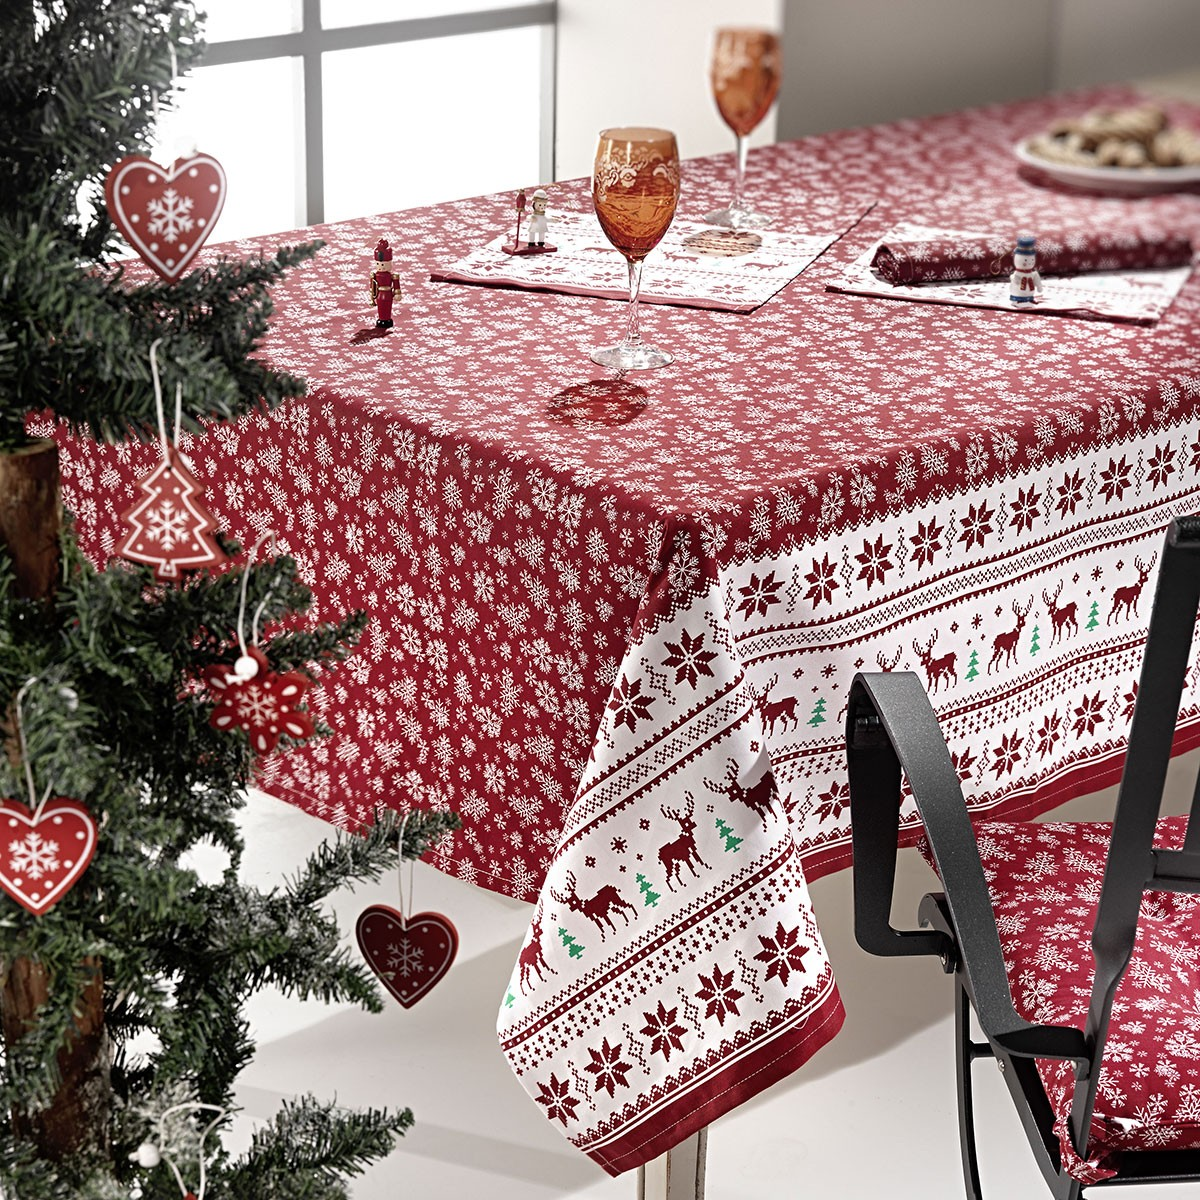 Χριστουγεννιάτικο Τραπεζομάντηλο (150×150) Nima Rudolph